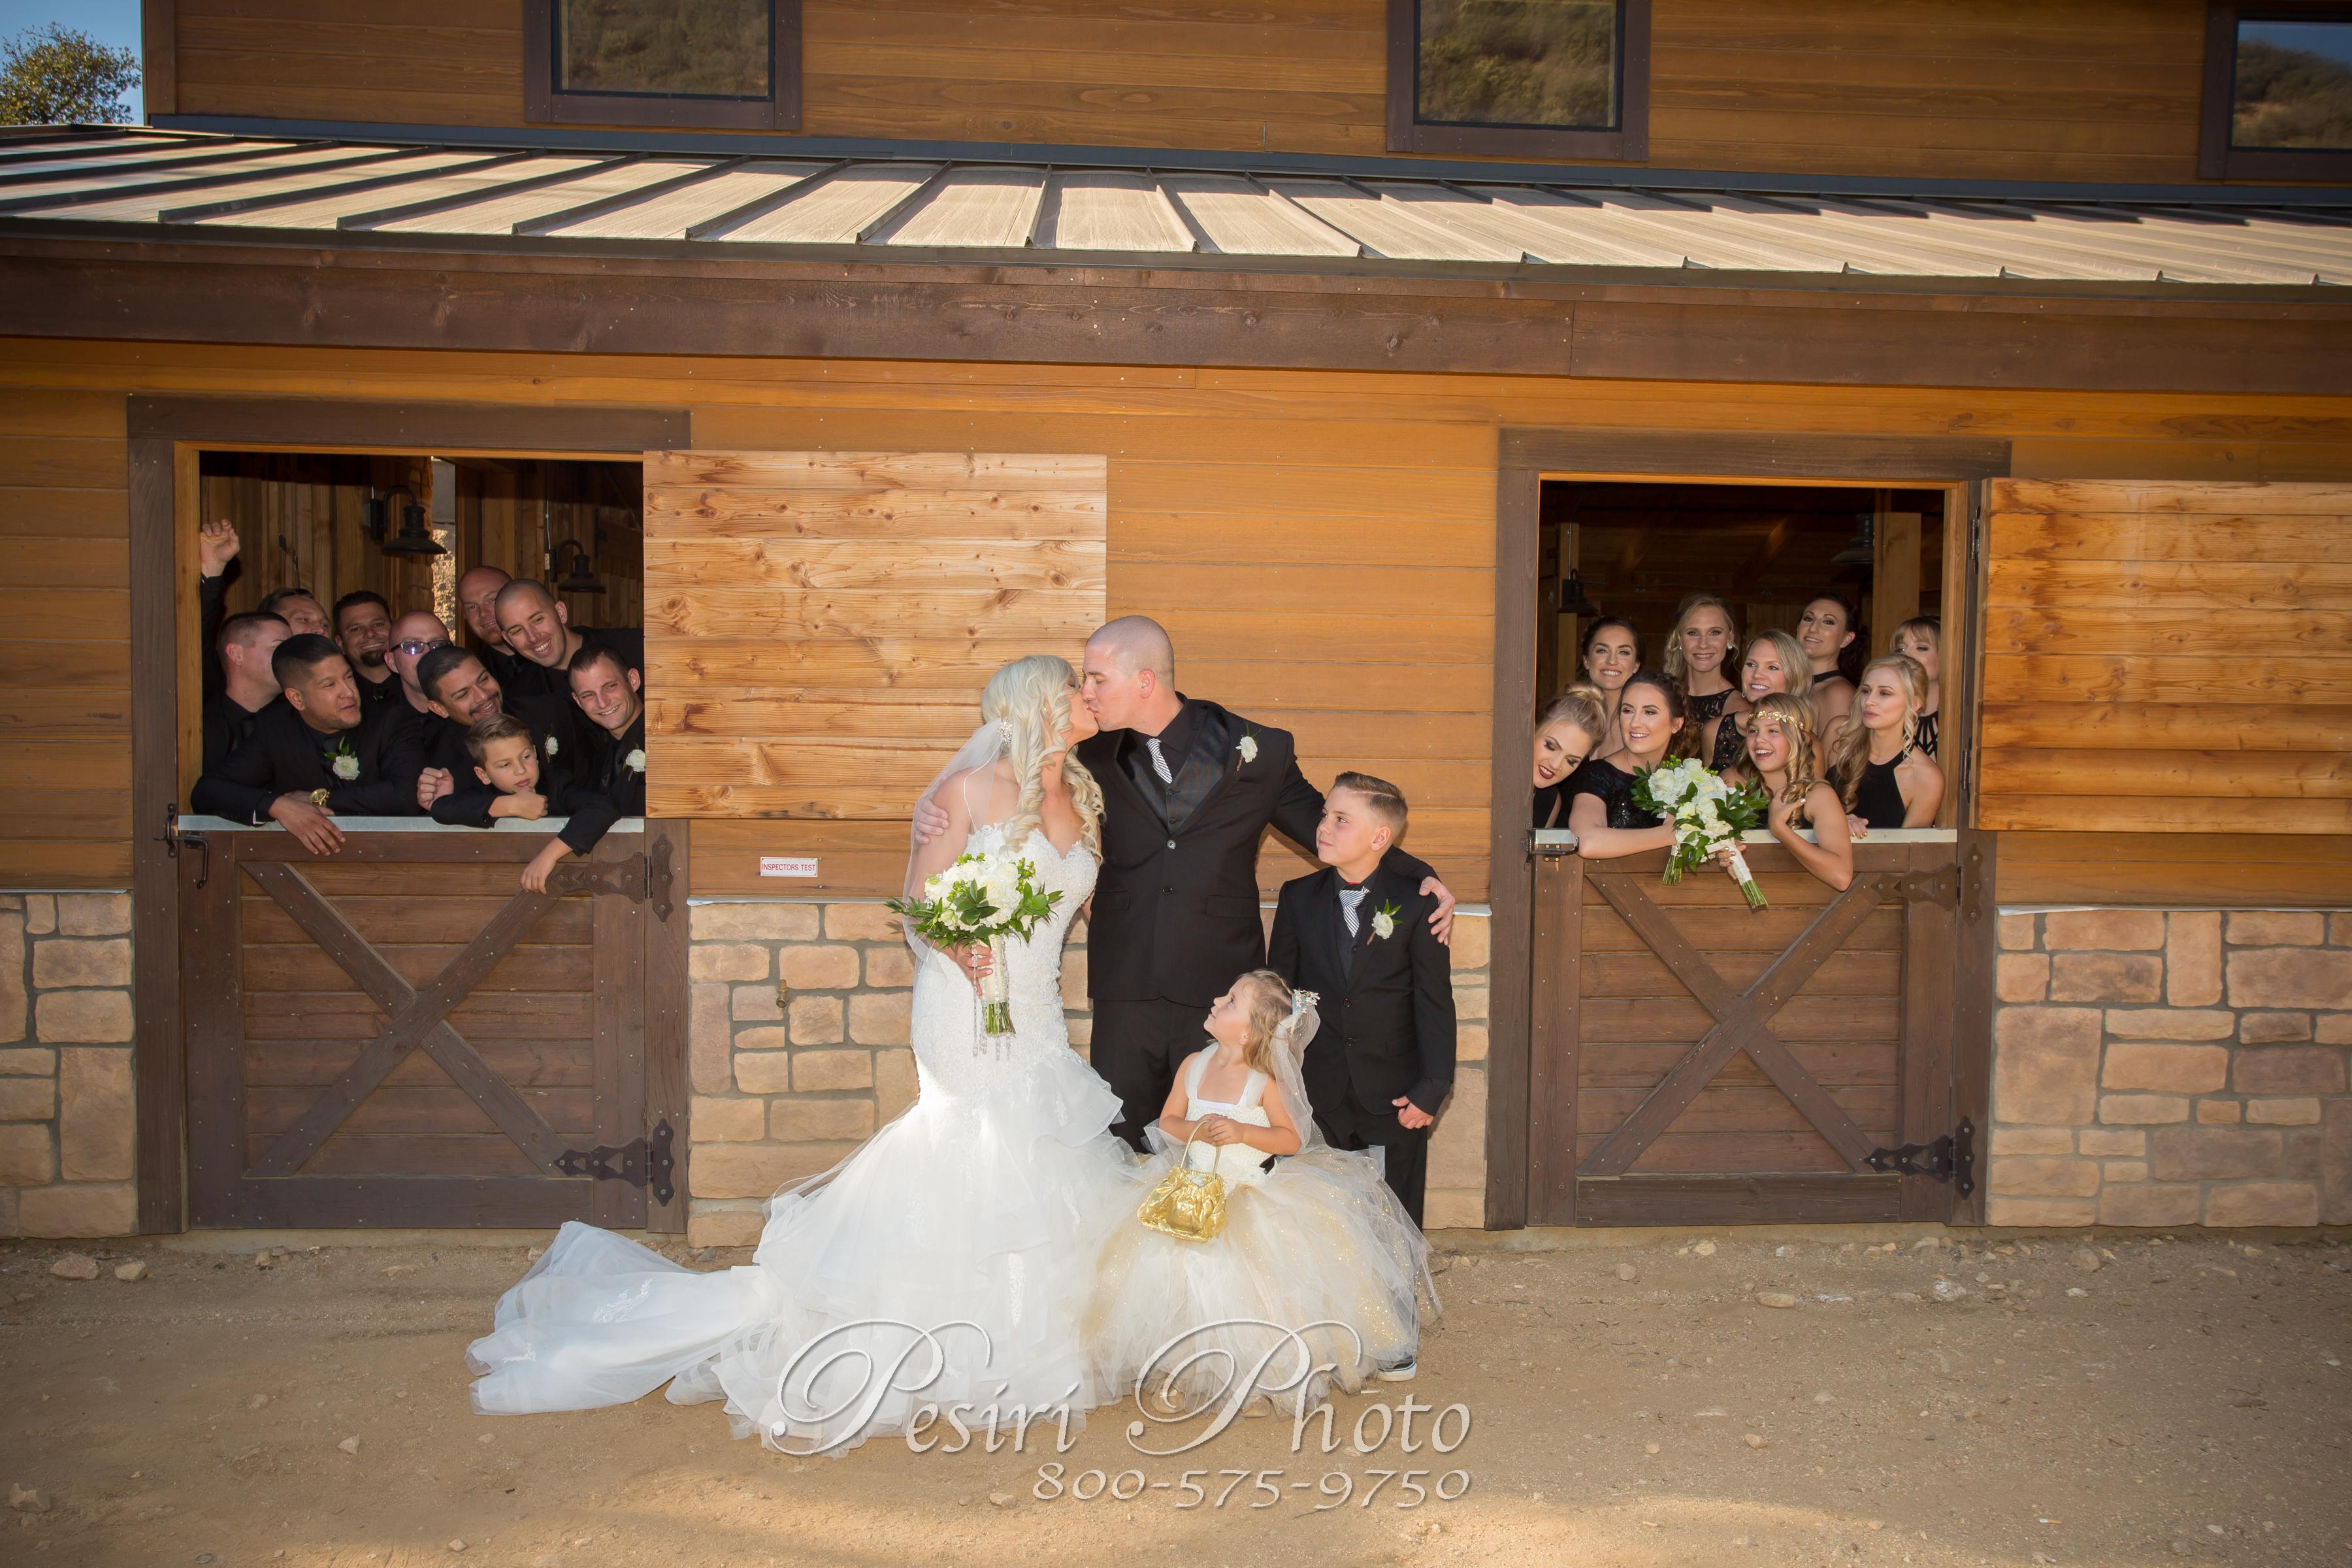 Pesiri Photo Wedding-7